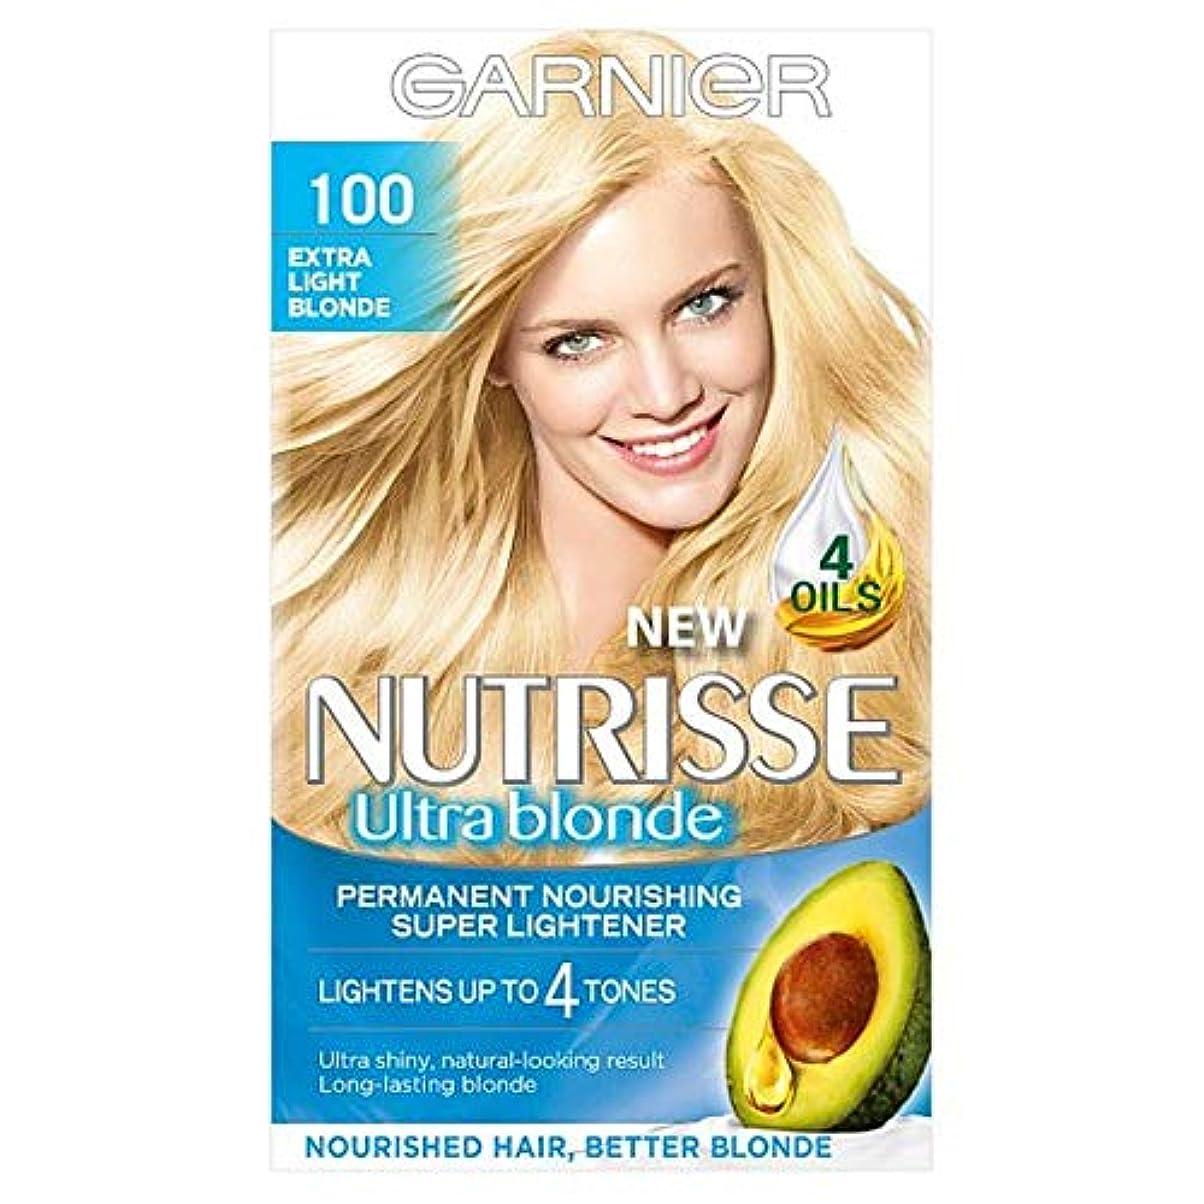 ミリメートル嘆願干渉[Nutrisse] 100余分な光ブロンドの永久染毛剤Nutrisseガルニエ - Garnier Nutrisse 100 Extra Light Blonde Permanent Hair Dye [並行輸入品]